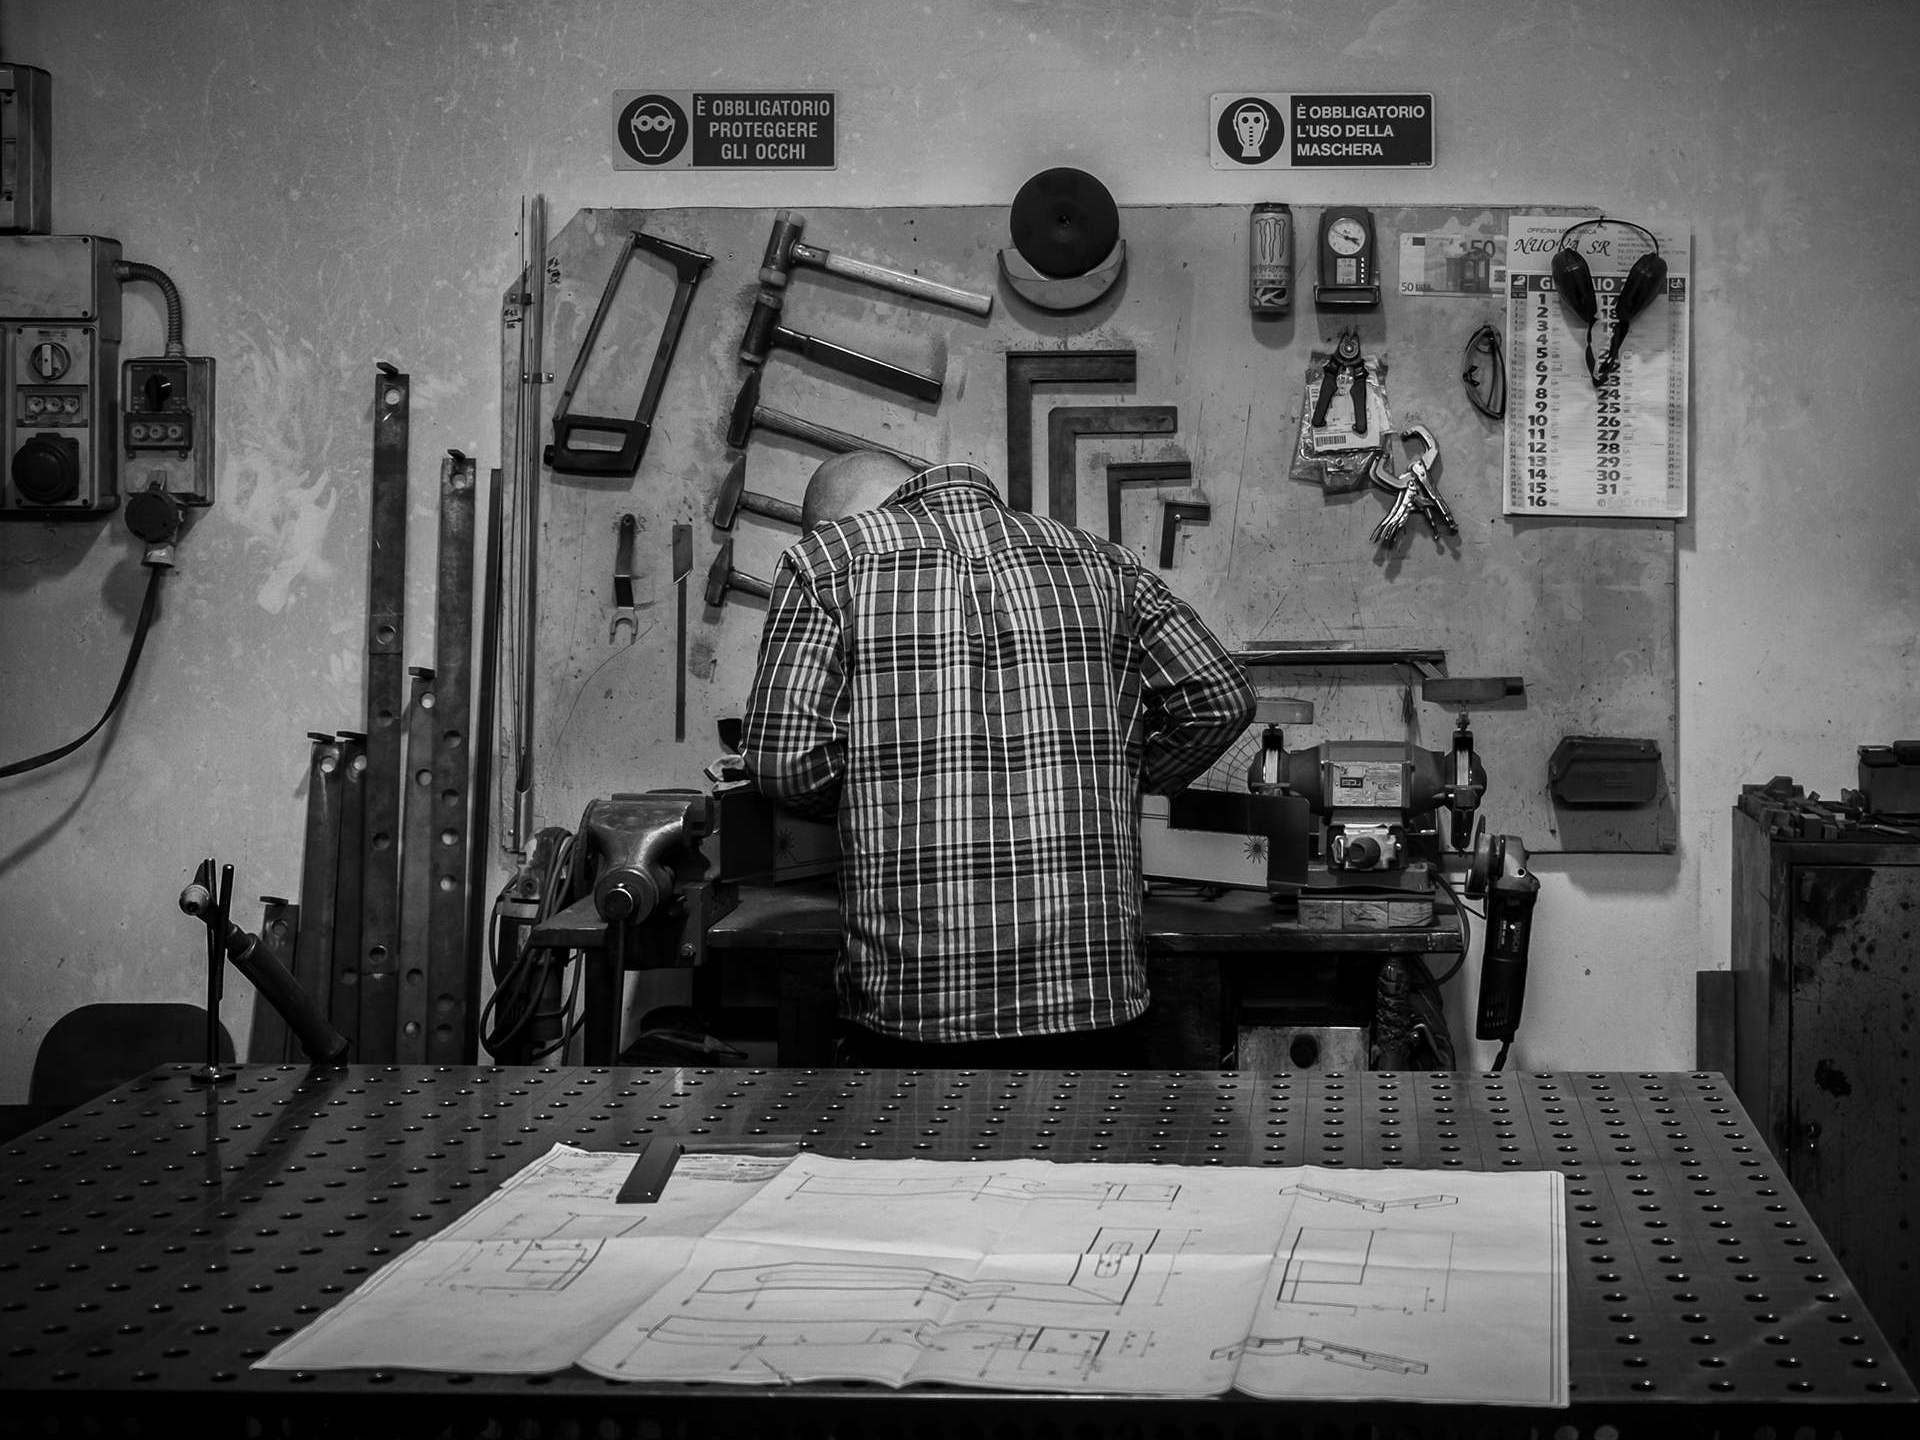 slider 3 Elleci - Lavorazione Tecnica Lamiera